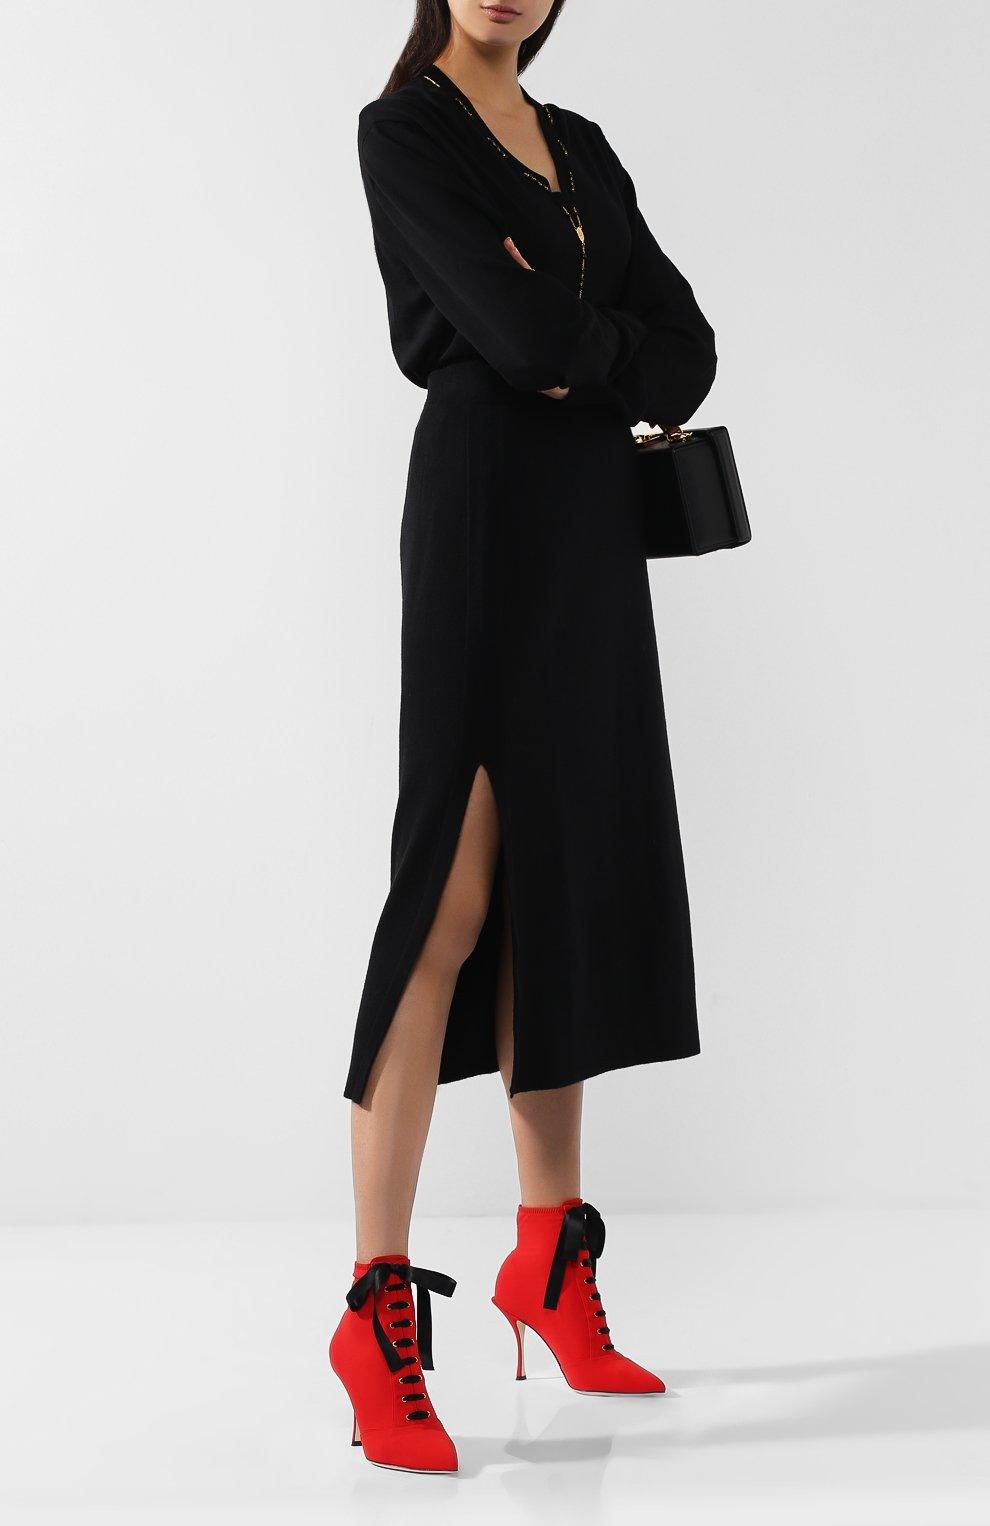 Текстильные ботильоны Lori на шпильке Dolce & Gabbana красные   Фото №2